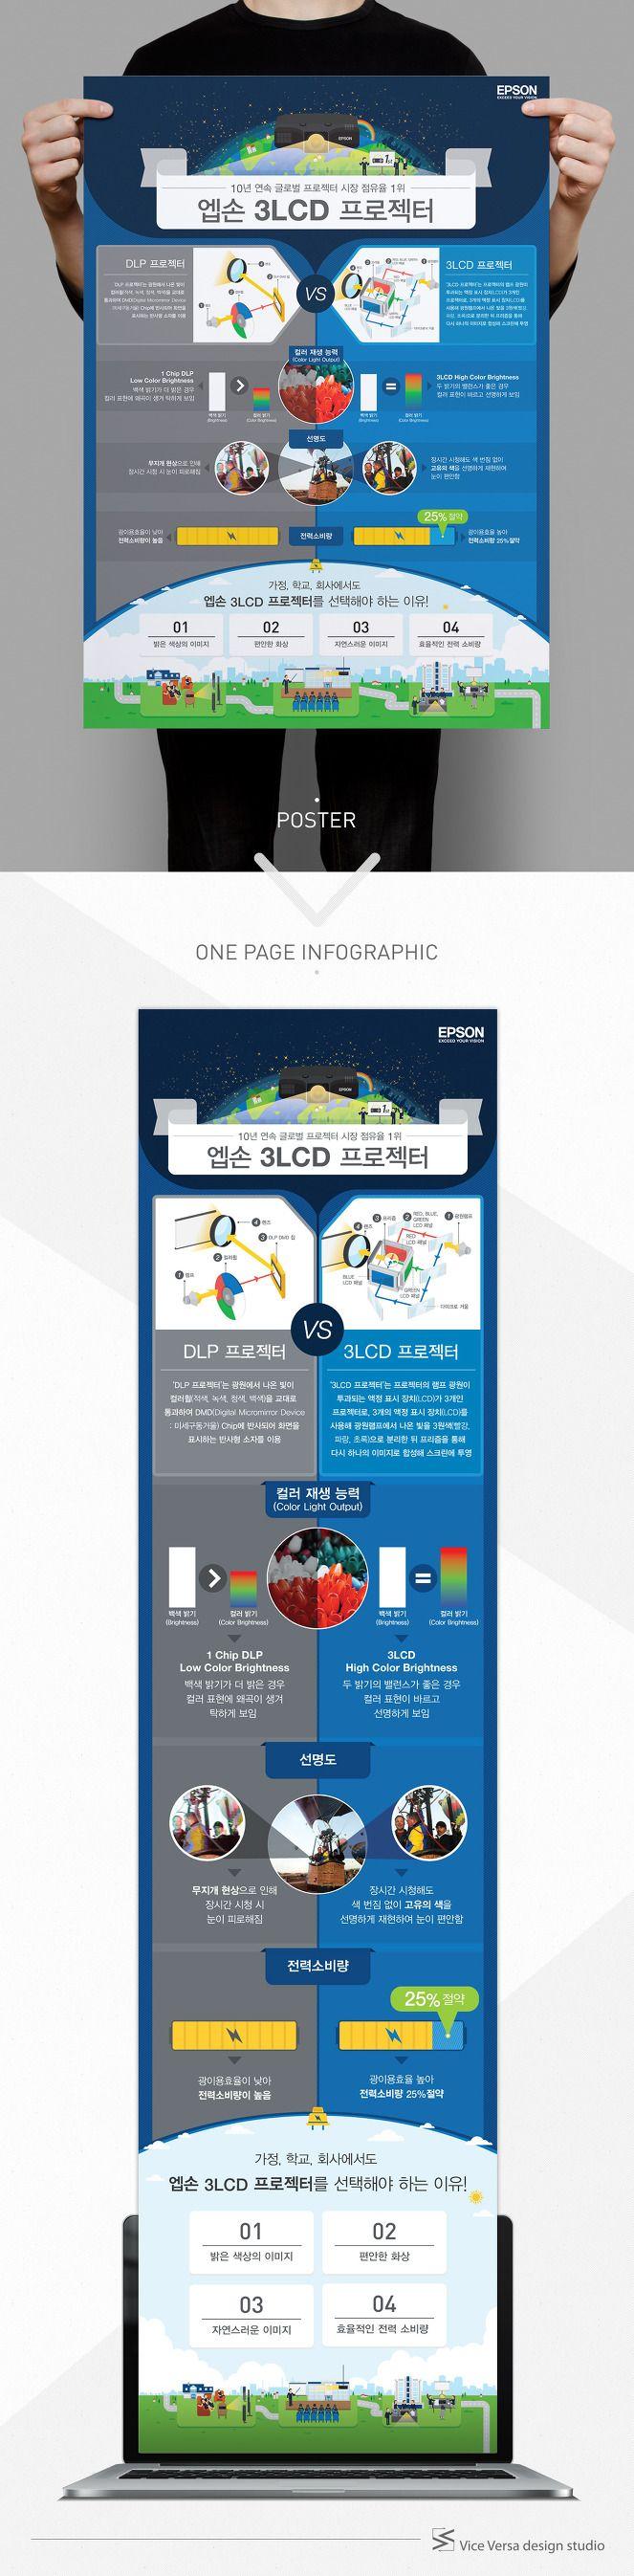 Vice Versa design studio의 00번째 프로젝트는 엡손의 3LCD 프로젝터 소개용 포스터 및 원 페이지 인포그래픽입니다. 이번 인포그래픽은 10년 연속 글로벌 프로젝터 시장 점유율 1위인 엡손 3LCD 프로젝터를 LPD 프로젝터와 비교하는 형식으로 표현함으로써 엡손 3LCD 프로젝터의 장점을 부각시키고 가정, 학교, 회사 등 어떤 장소에서도 엡손 3LCD 프로젝터를 선택하는 이유를 함께 담았습니다. '엡손 3LCD 프로젝터' 인포그래..